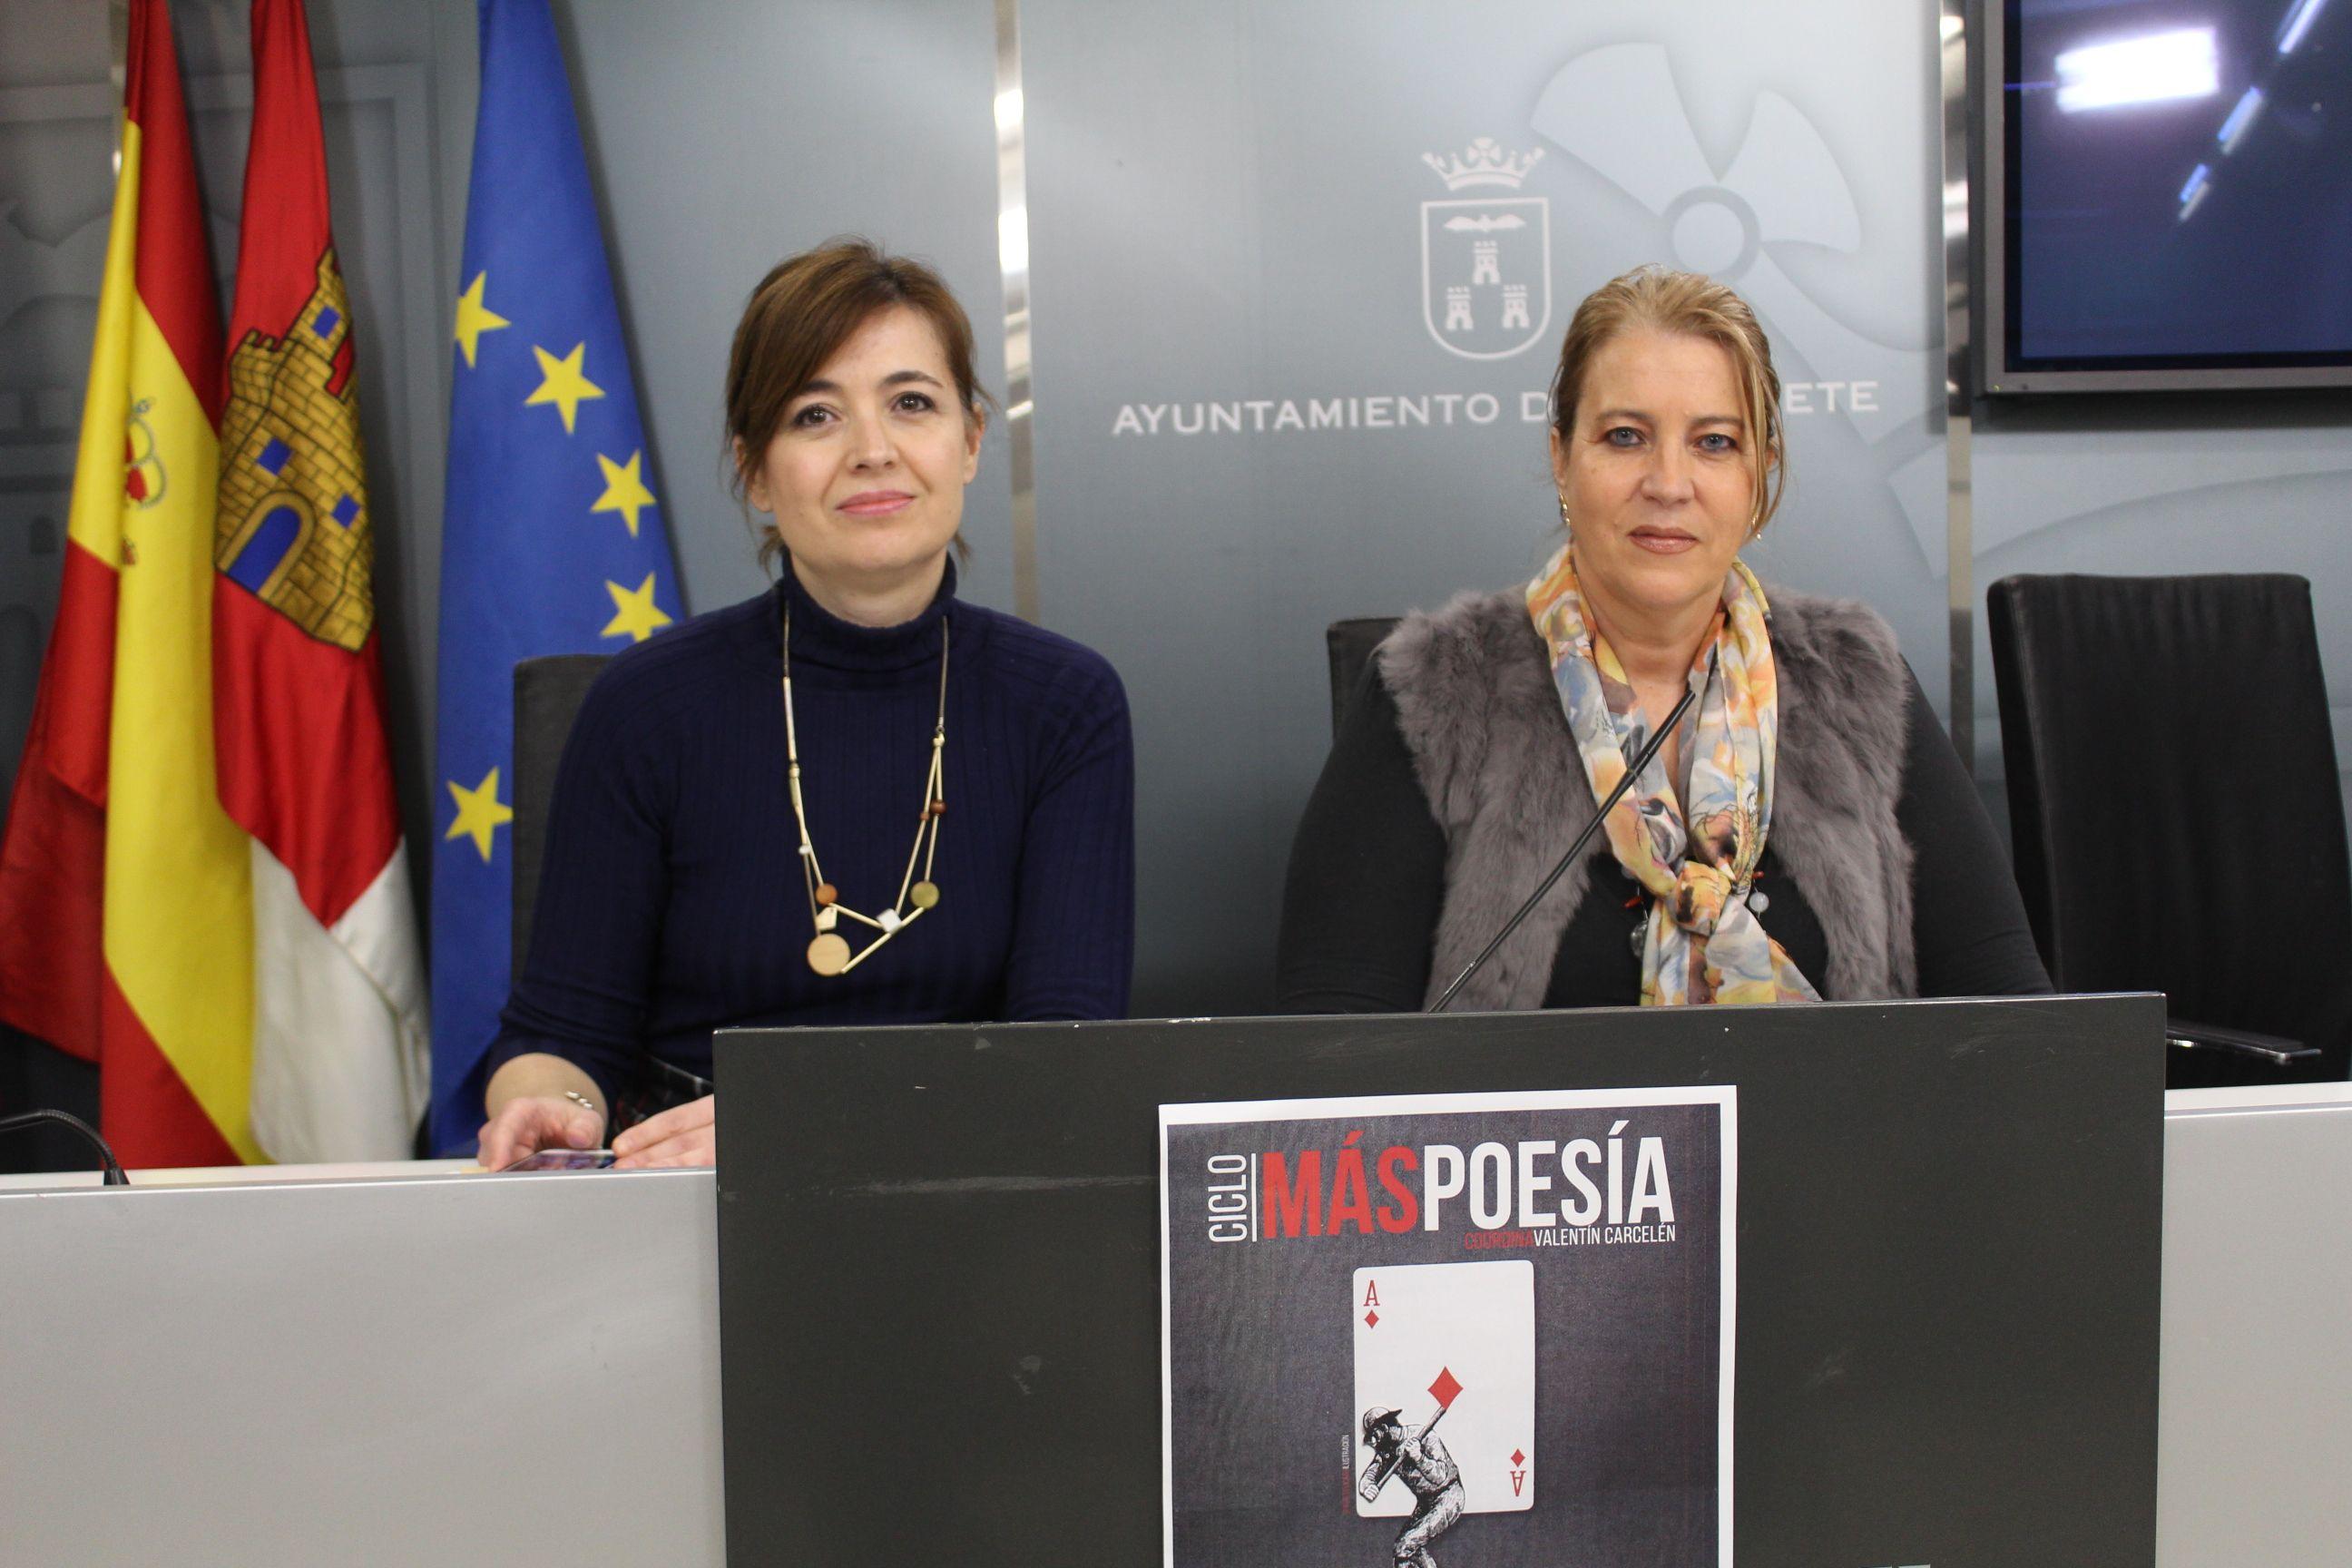 """La Universidad Popular celebra el ciclo """"Más Poesía 2018"""" con presencia de seis autores del panorama poético actual vinculados con Albacete"""